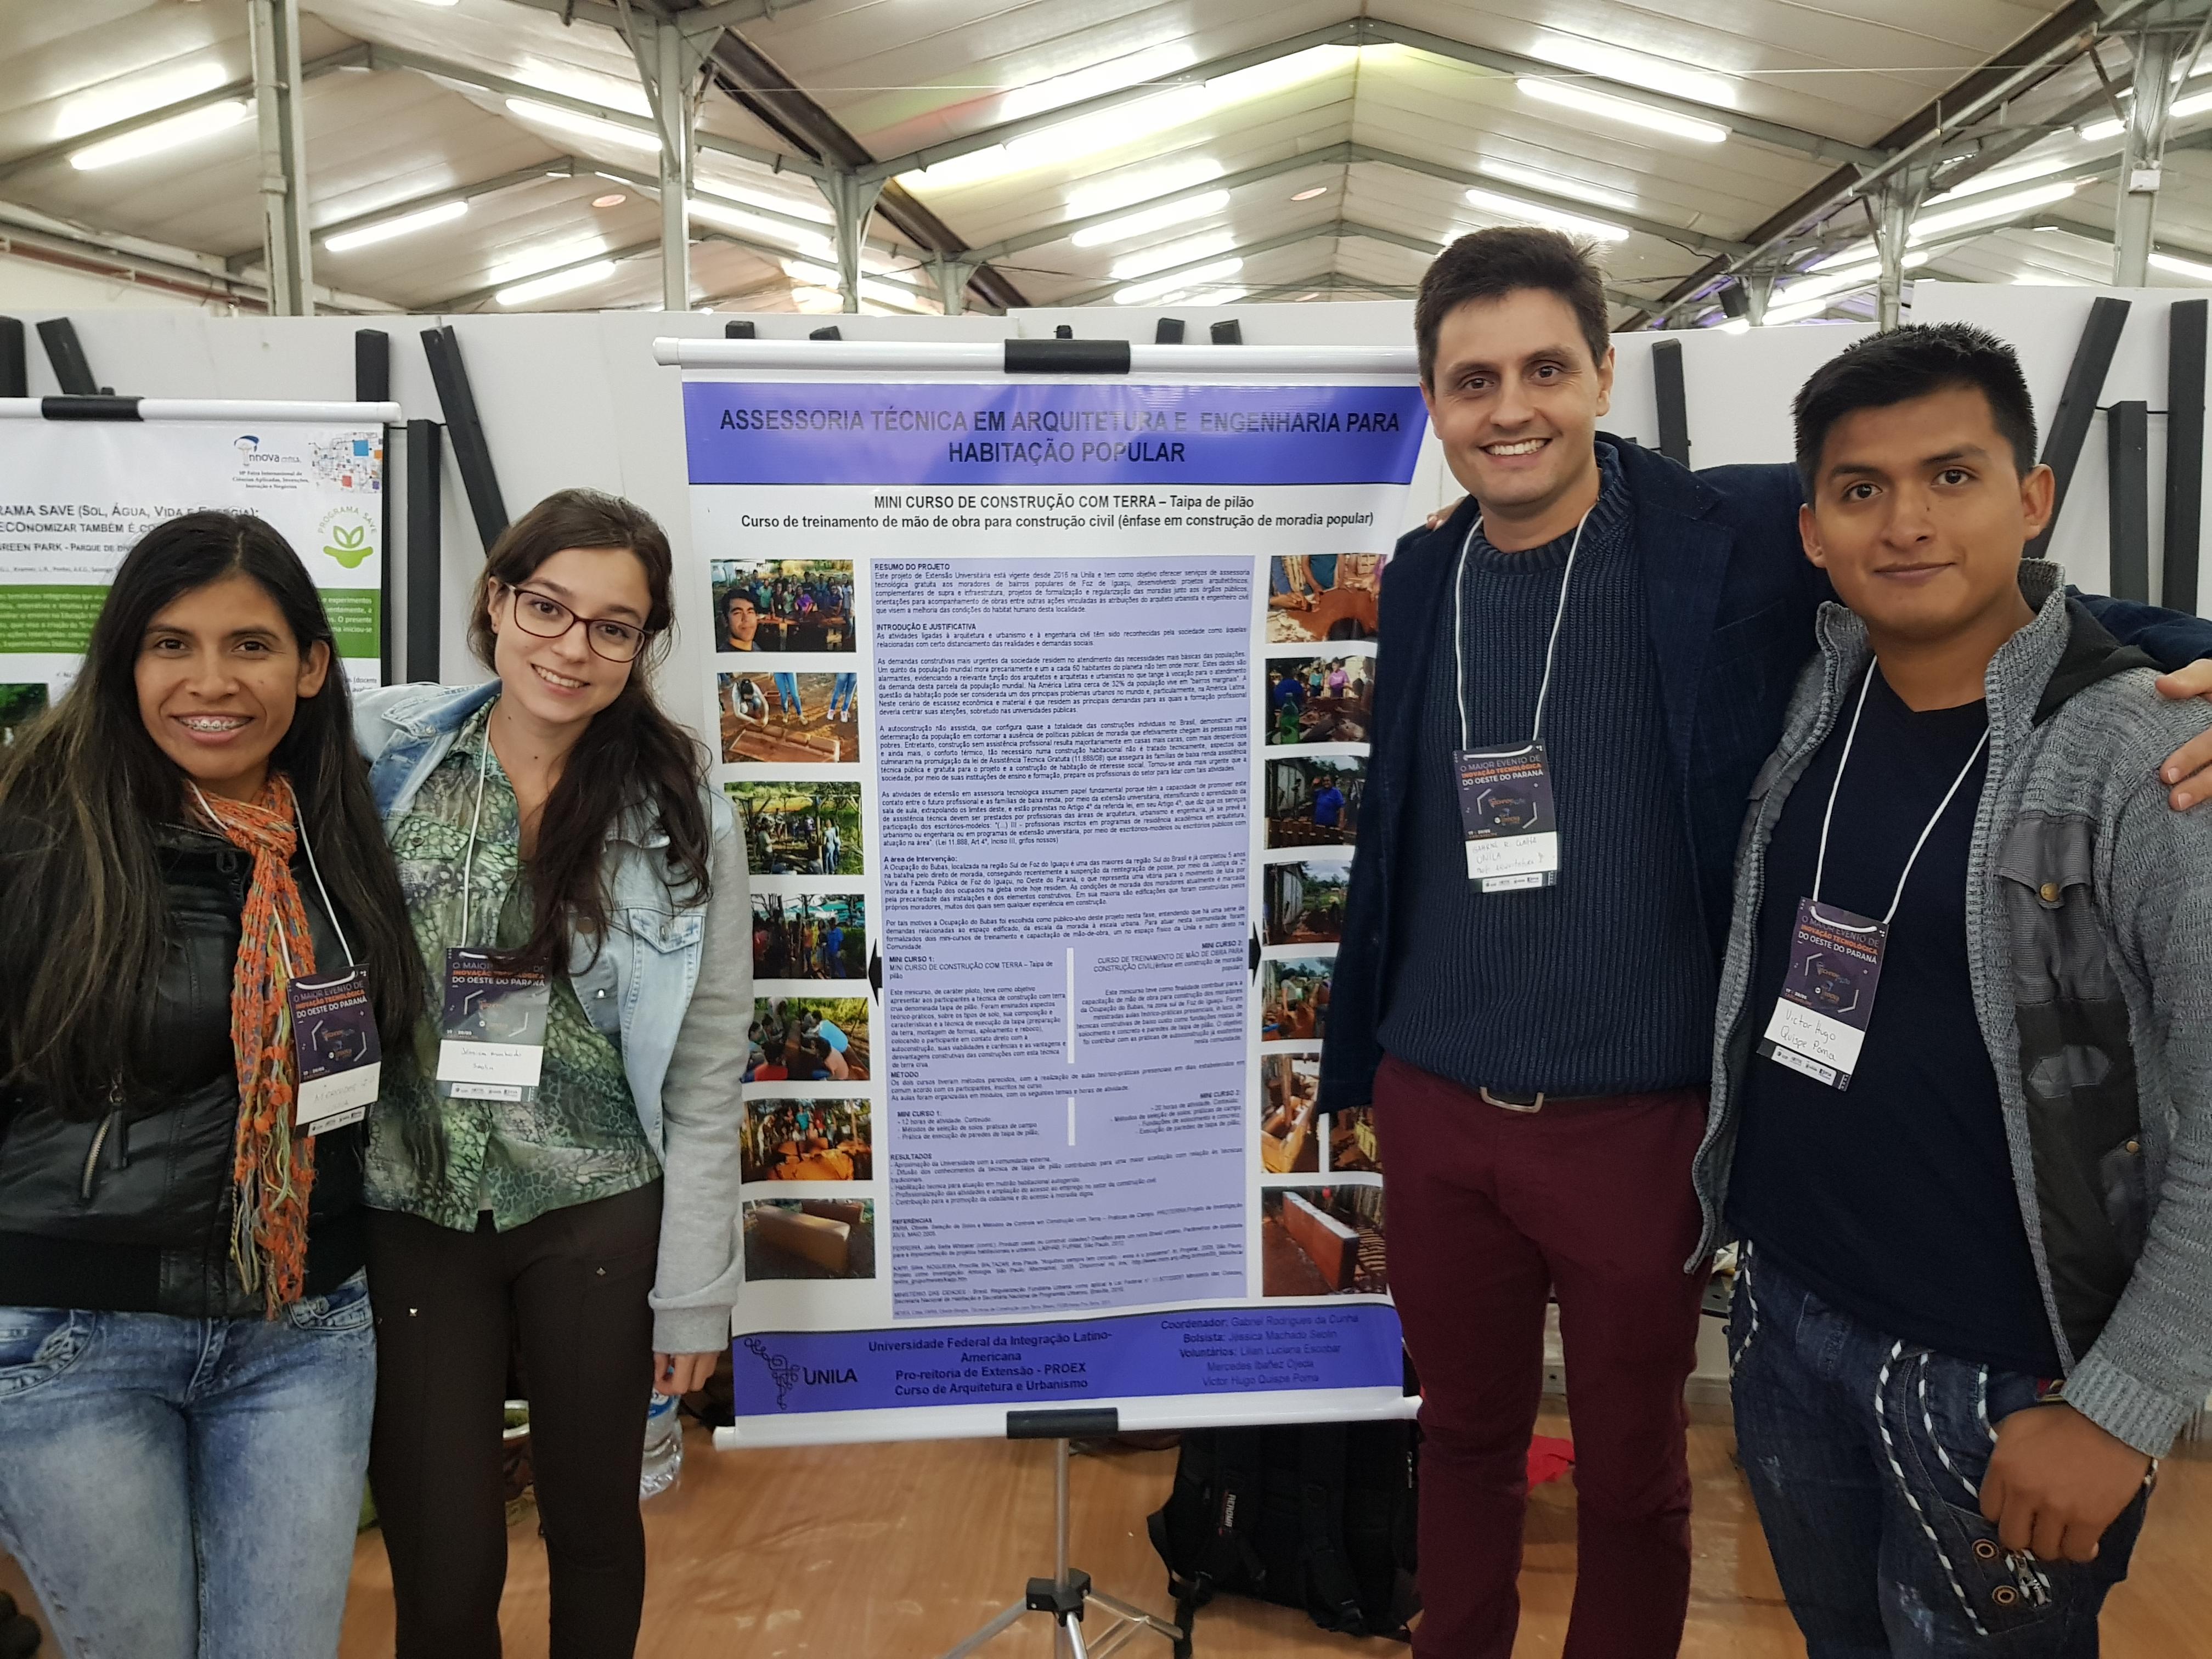 Três projetos de extensão e pesquisa da UNILA foram premiados